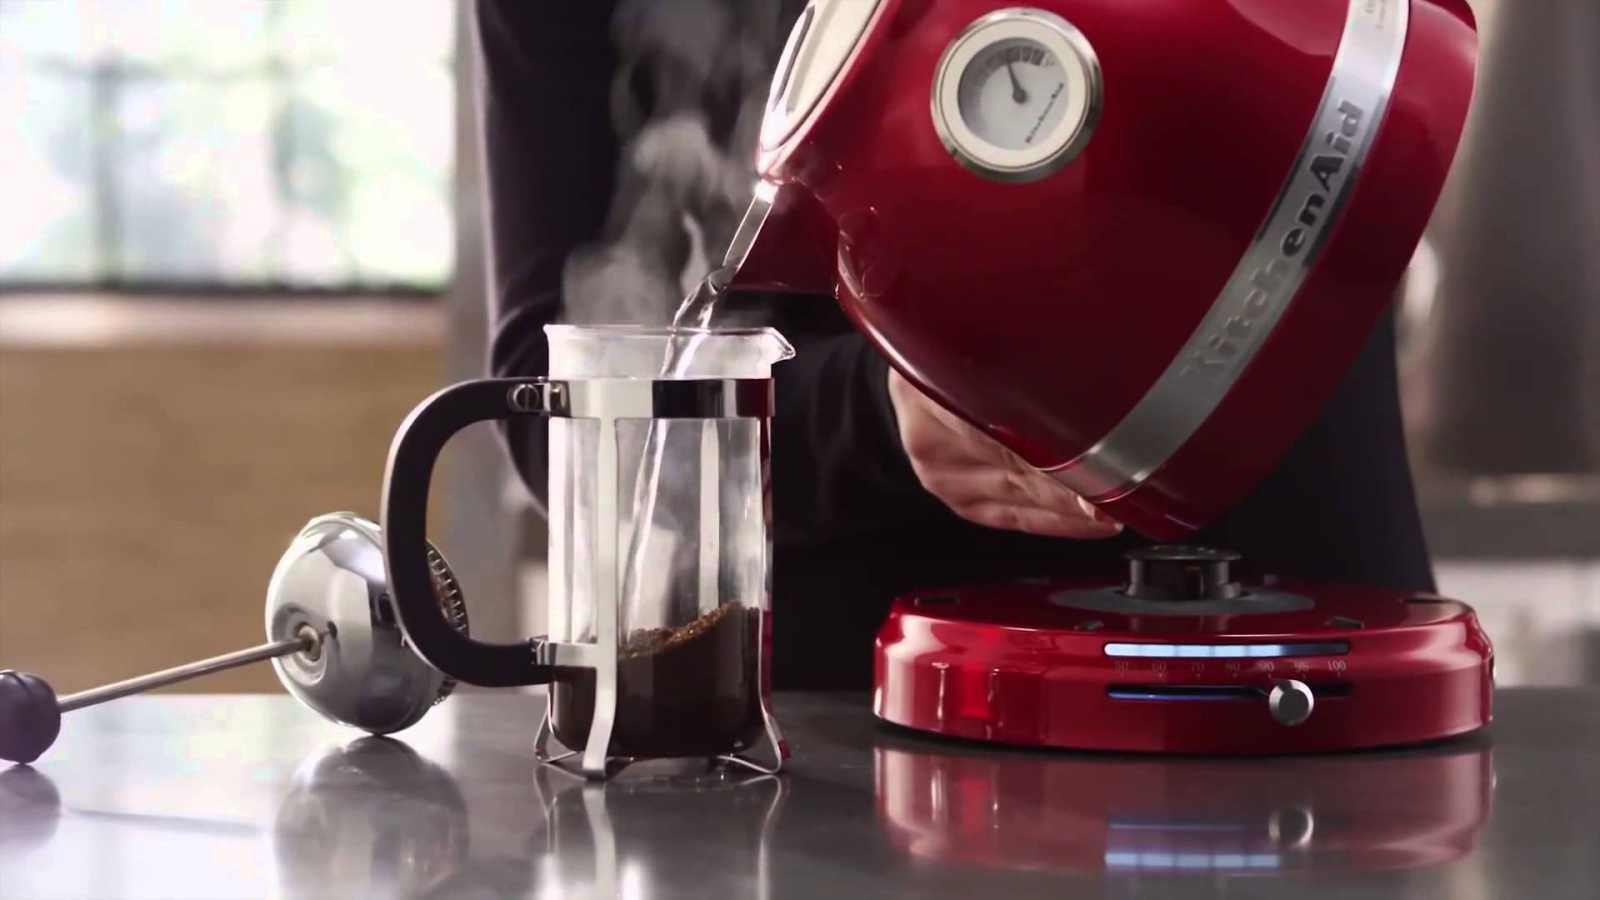 Чайник электрический1,5 л KitchenAid  Красный (5KEK1522EER) KitchenAid 5KEK1522EER фото 2